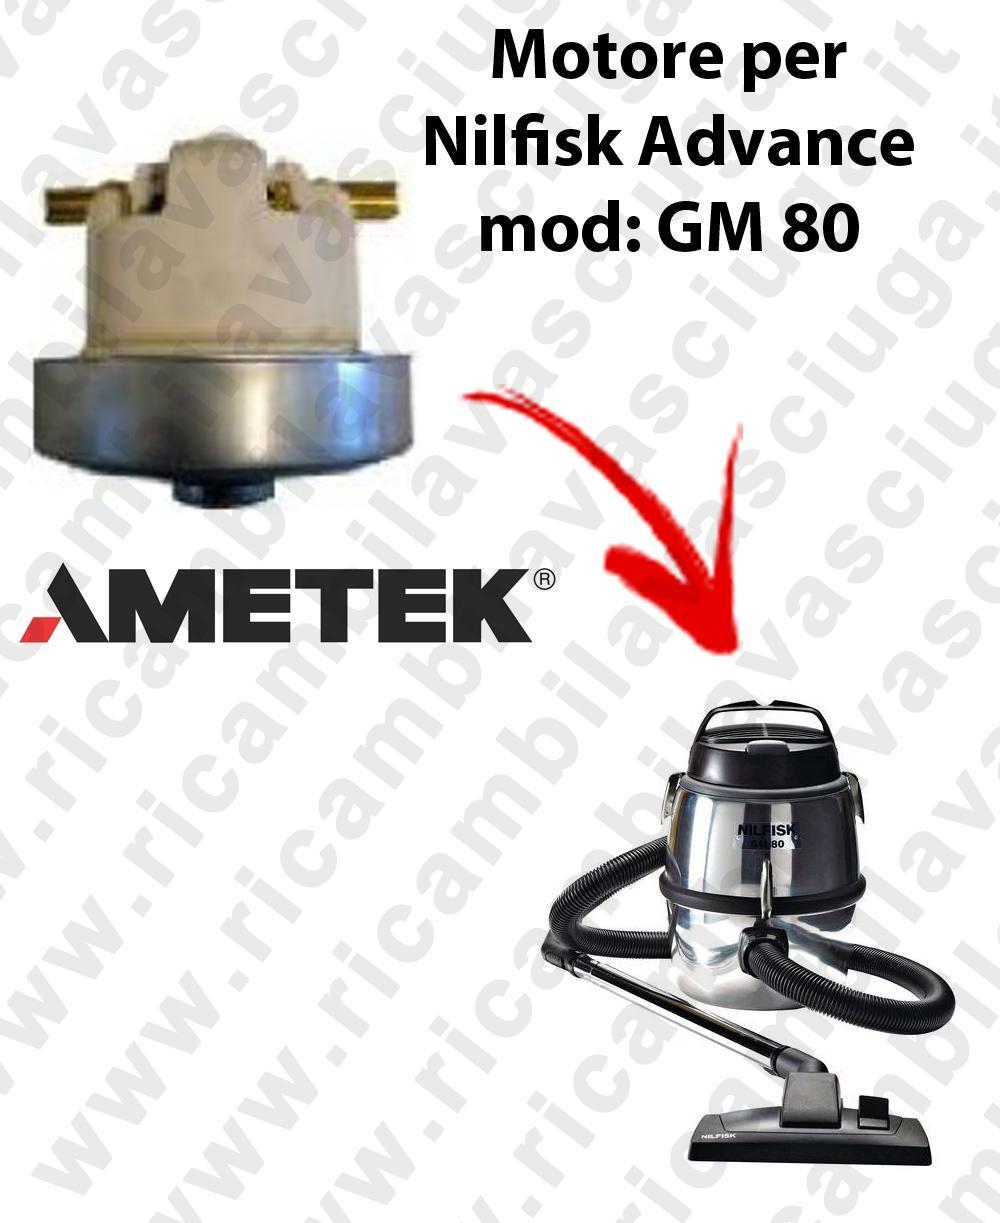 GM 80  Motore de aspiración AMETEK  para aspiradora Nilfisk Advance